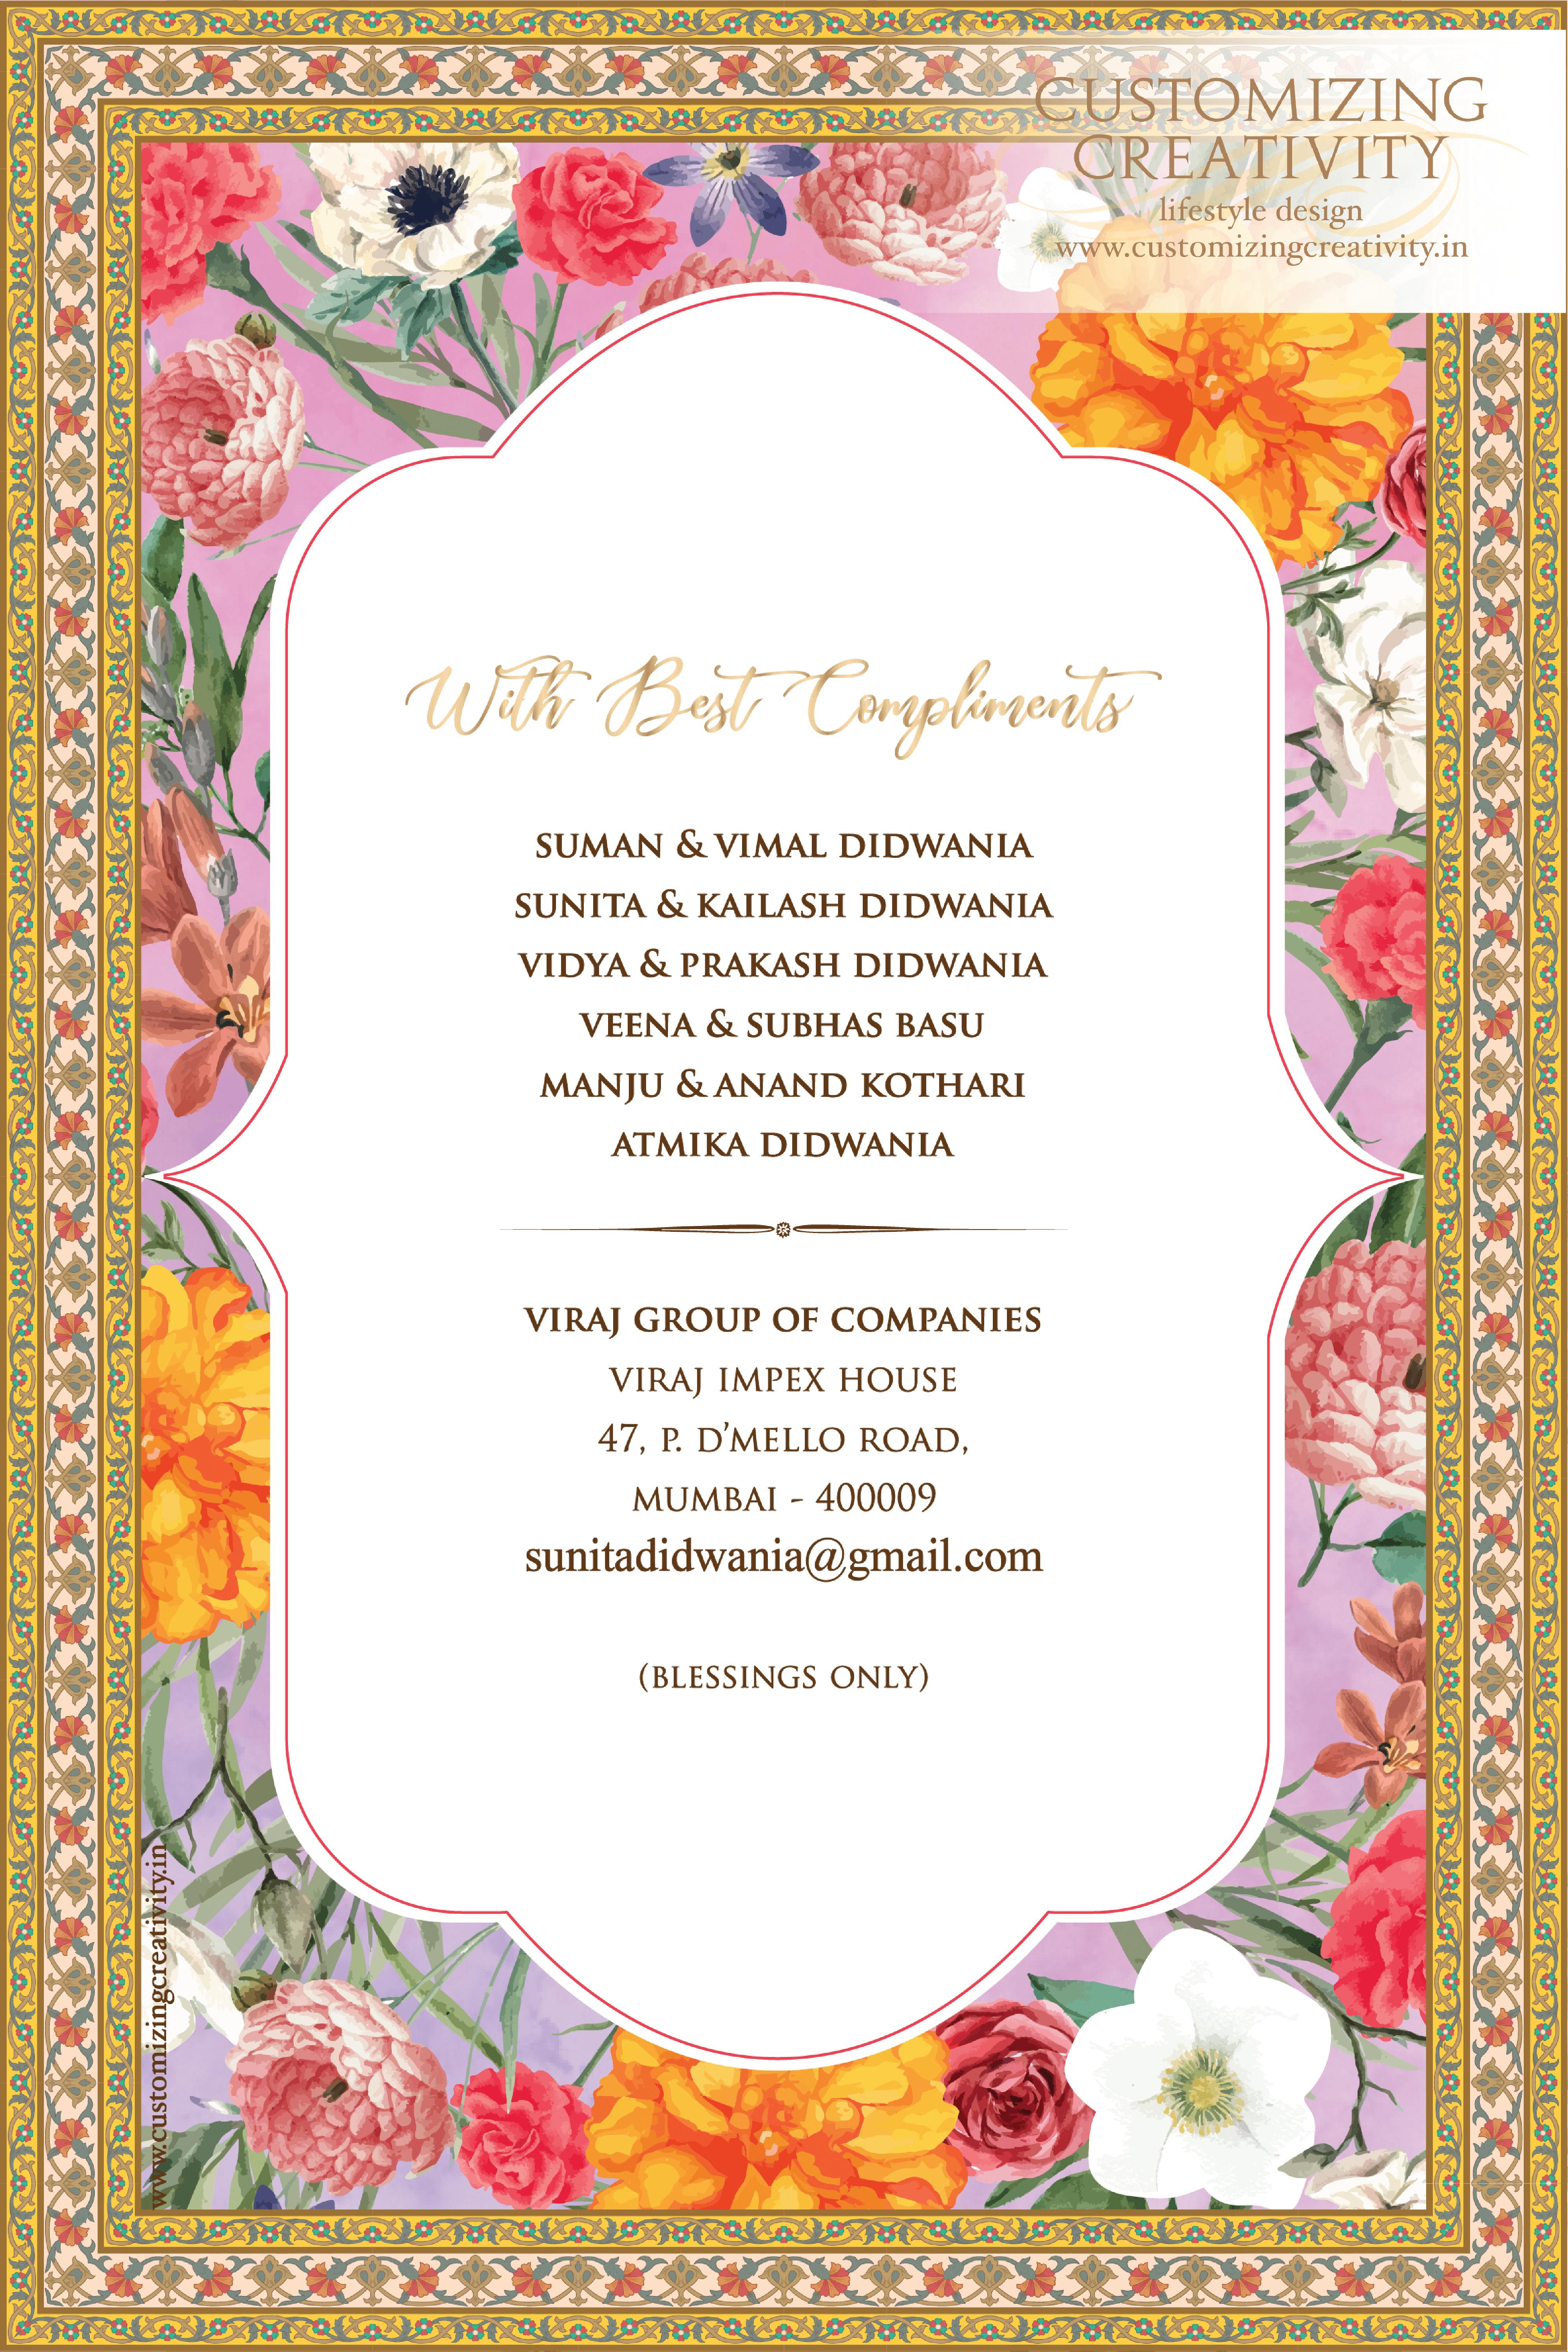 Digital Invites Evite Designs Eversion E Vite E Cards Invites Invitation Cards Wedding Invit Simple Wedding Cards Wedding Invitation Video Wedding Cards